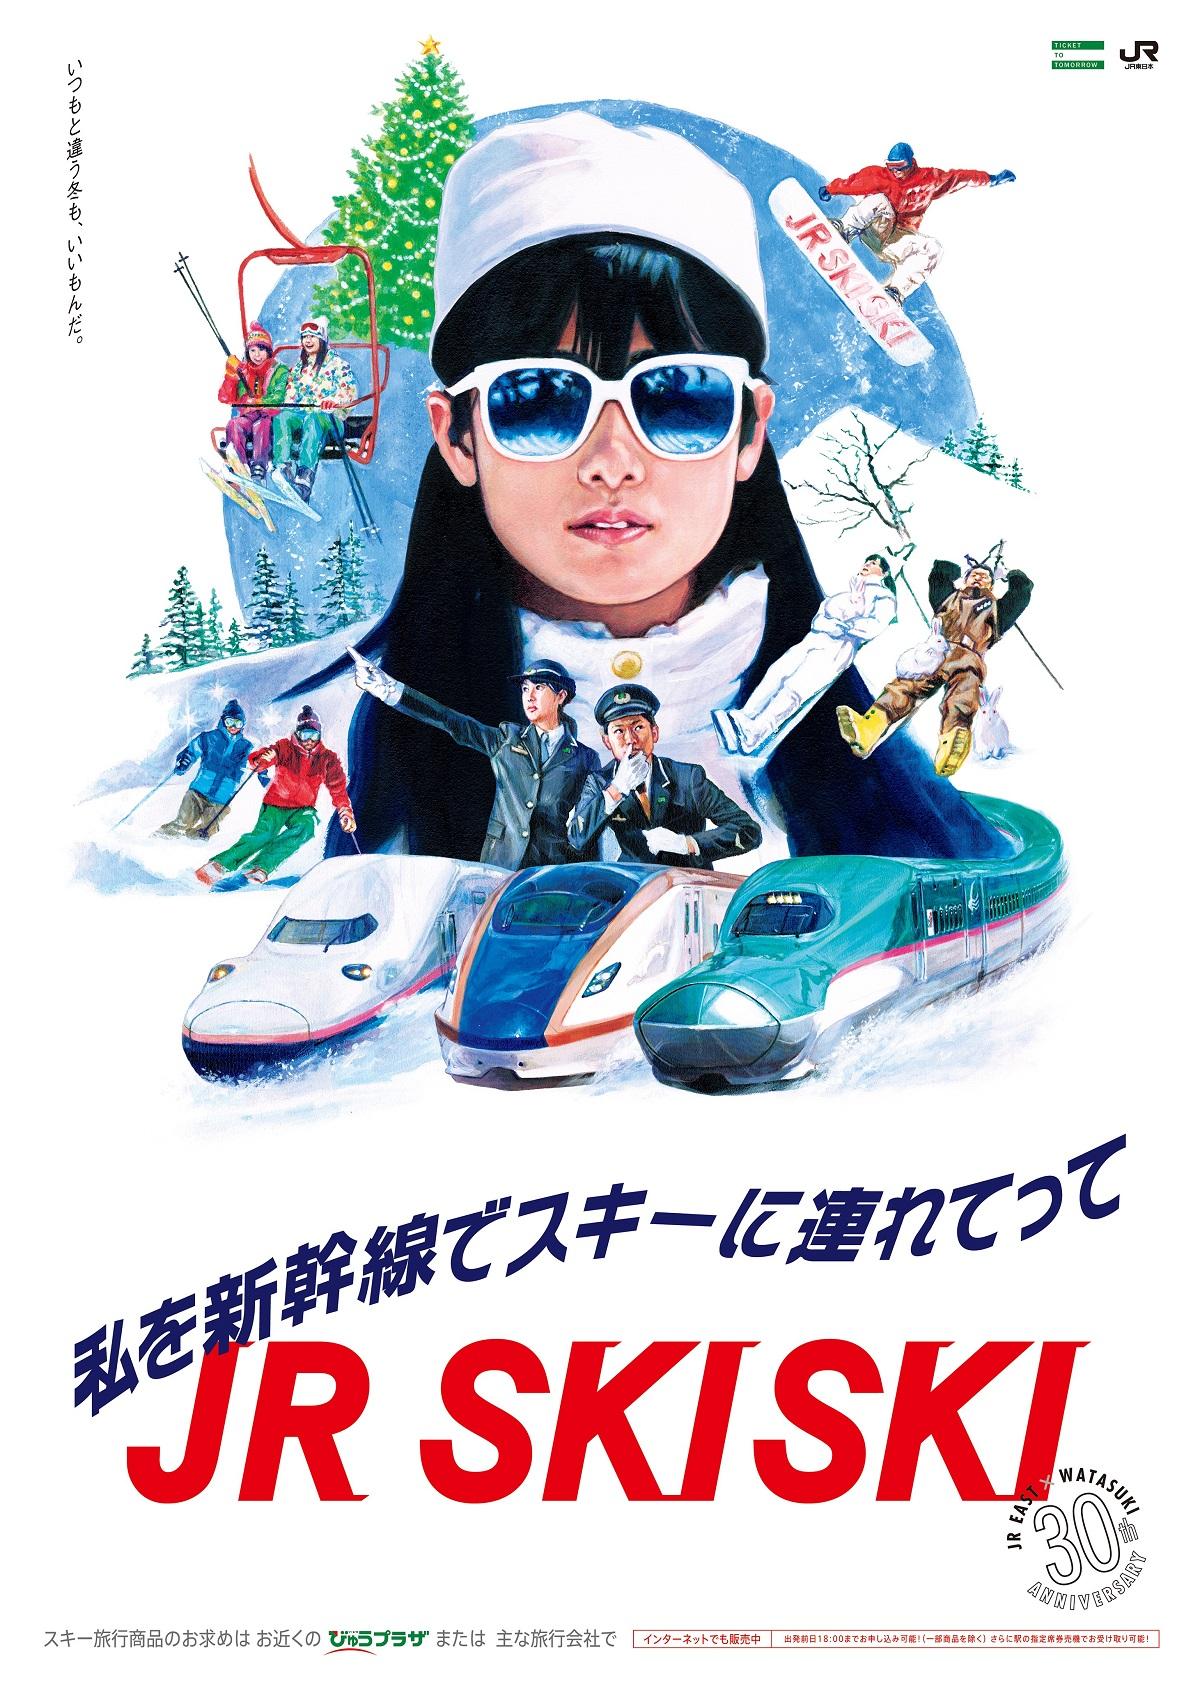 映画「私をスキーに連れてって」が大ヒット。公開から30年の2017年には、JR東日本のキャンペーンポスターにも使われた=JR東日本提供 JR東日本が展開する冬のスキーキャンペーンには映画「私をスキーに連れてって」が使われている(JR東日本提供)